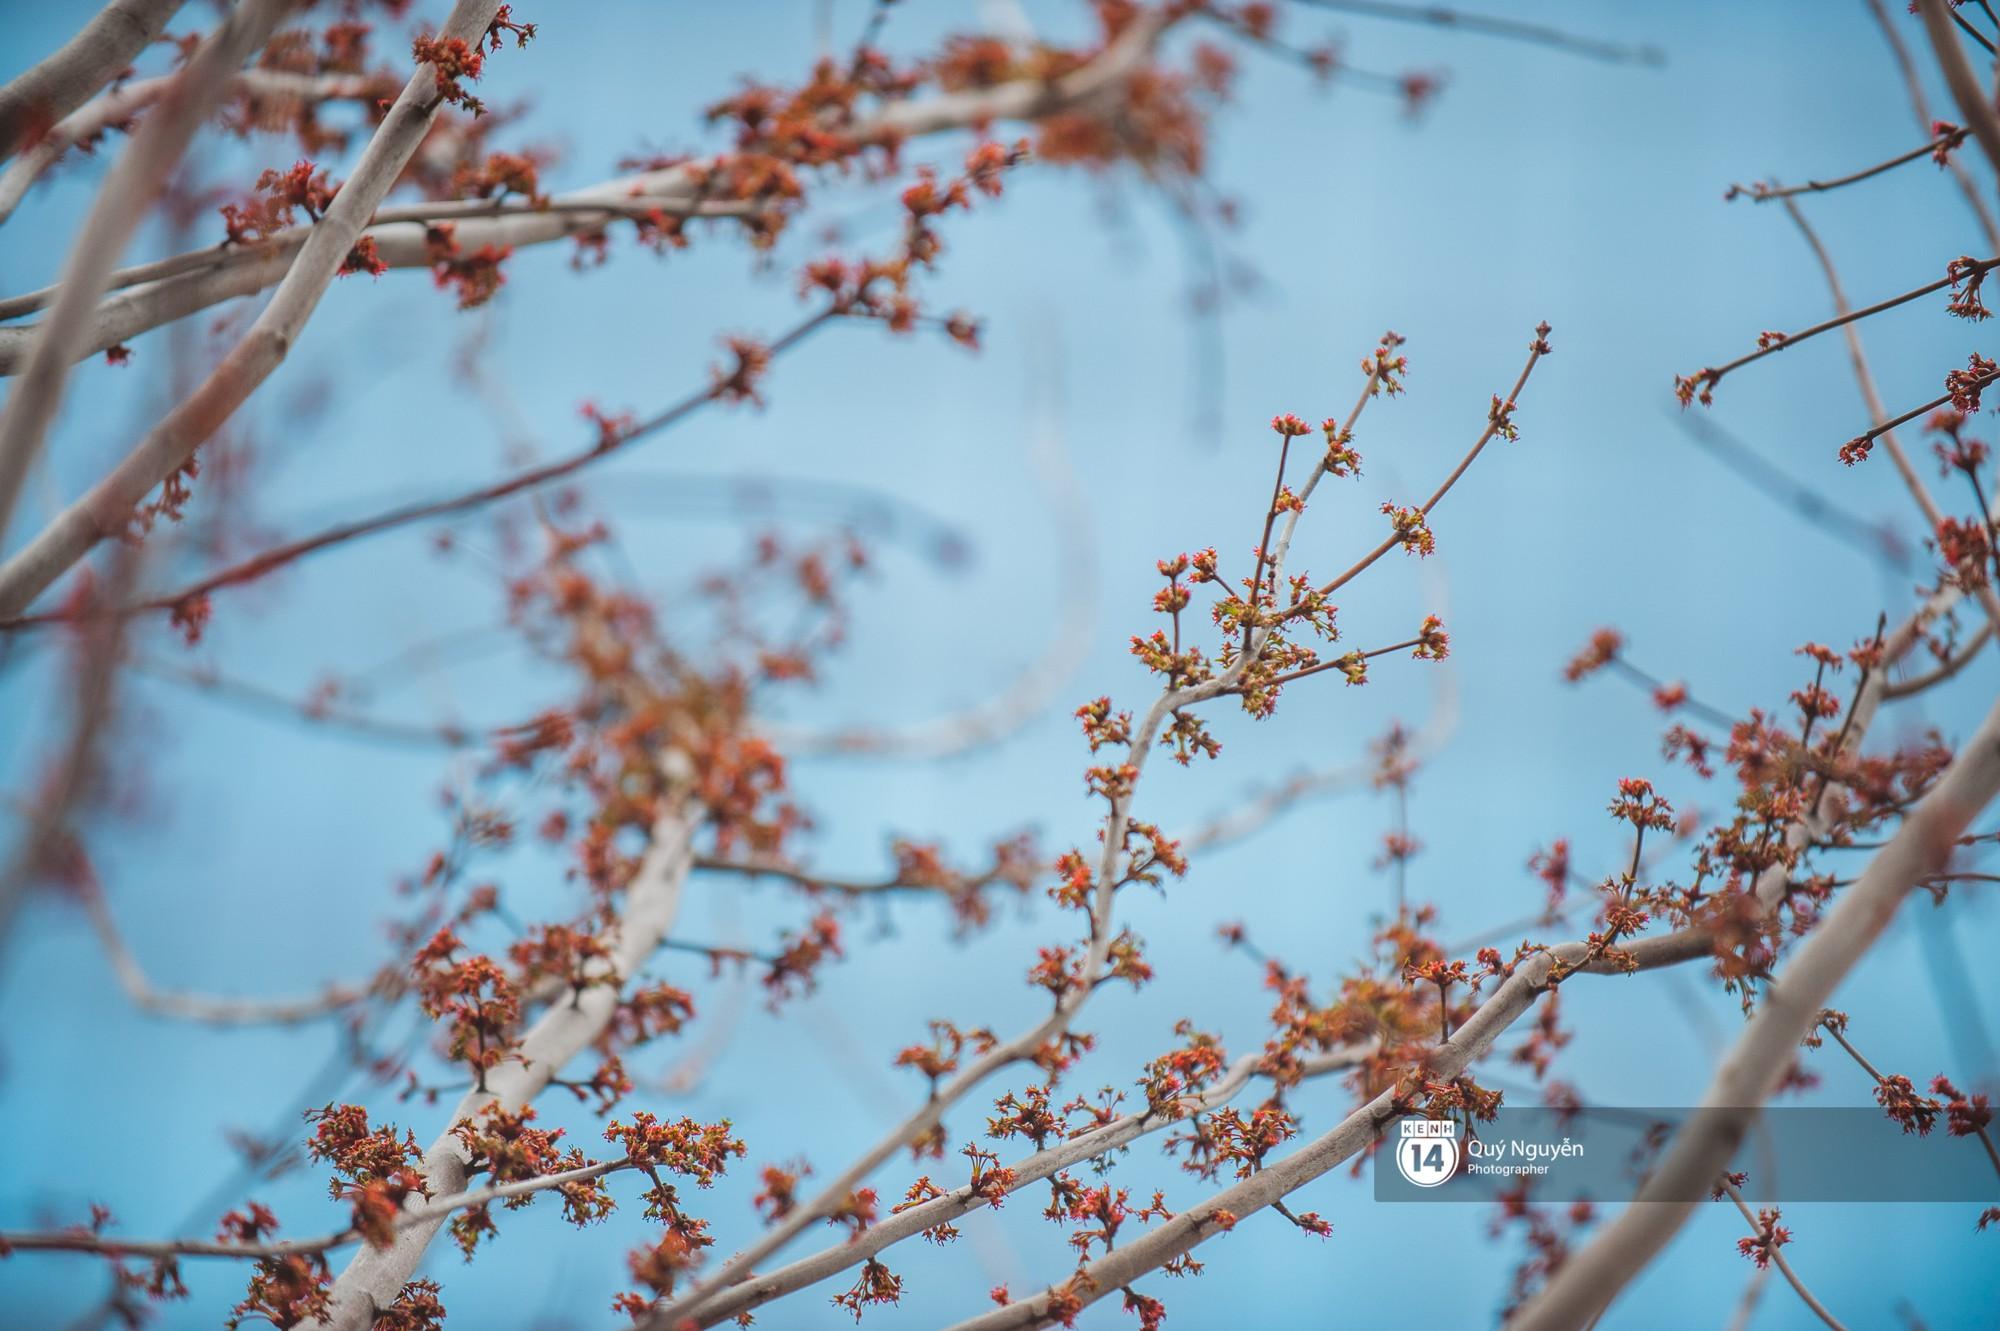 Hà Nội: Hàng cây phong lá đỏ từng được ví như những cành củi khô bắt đầu nảy lộc đúng dịp Tết - Ảnh 3.